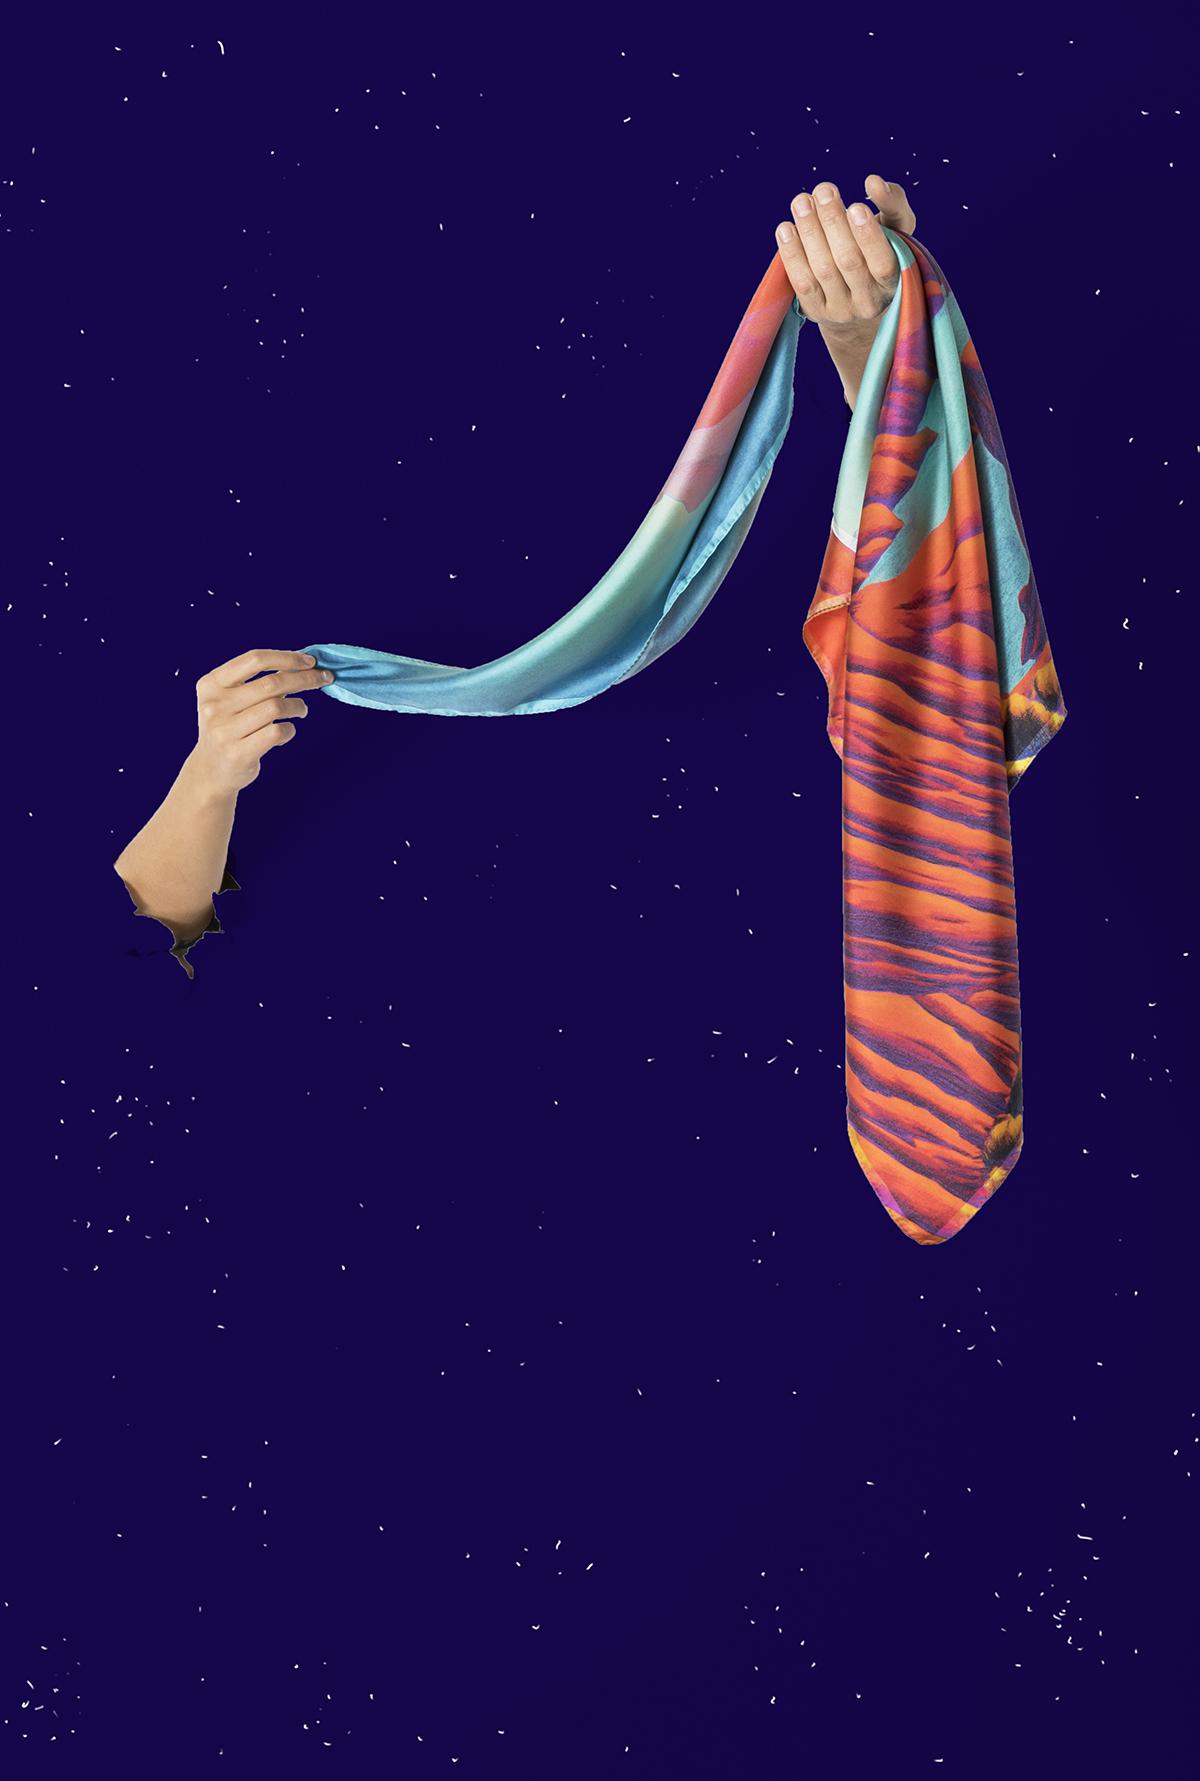 Foulard rouge te bleu turquoise carré en soie tenu par deux mains semblant sortir d'un ciel étoilé